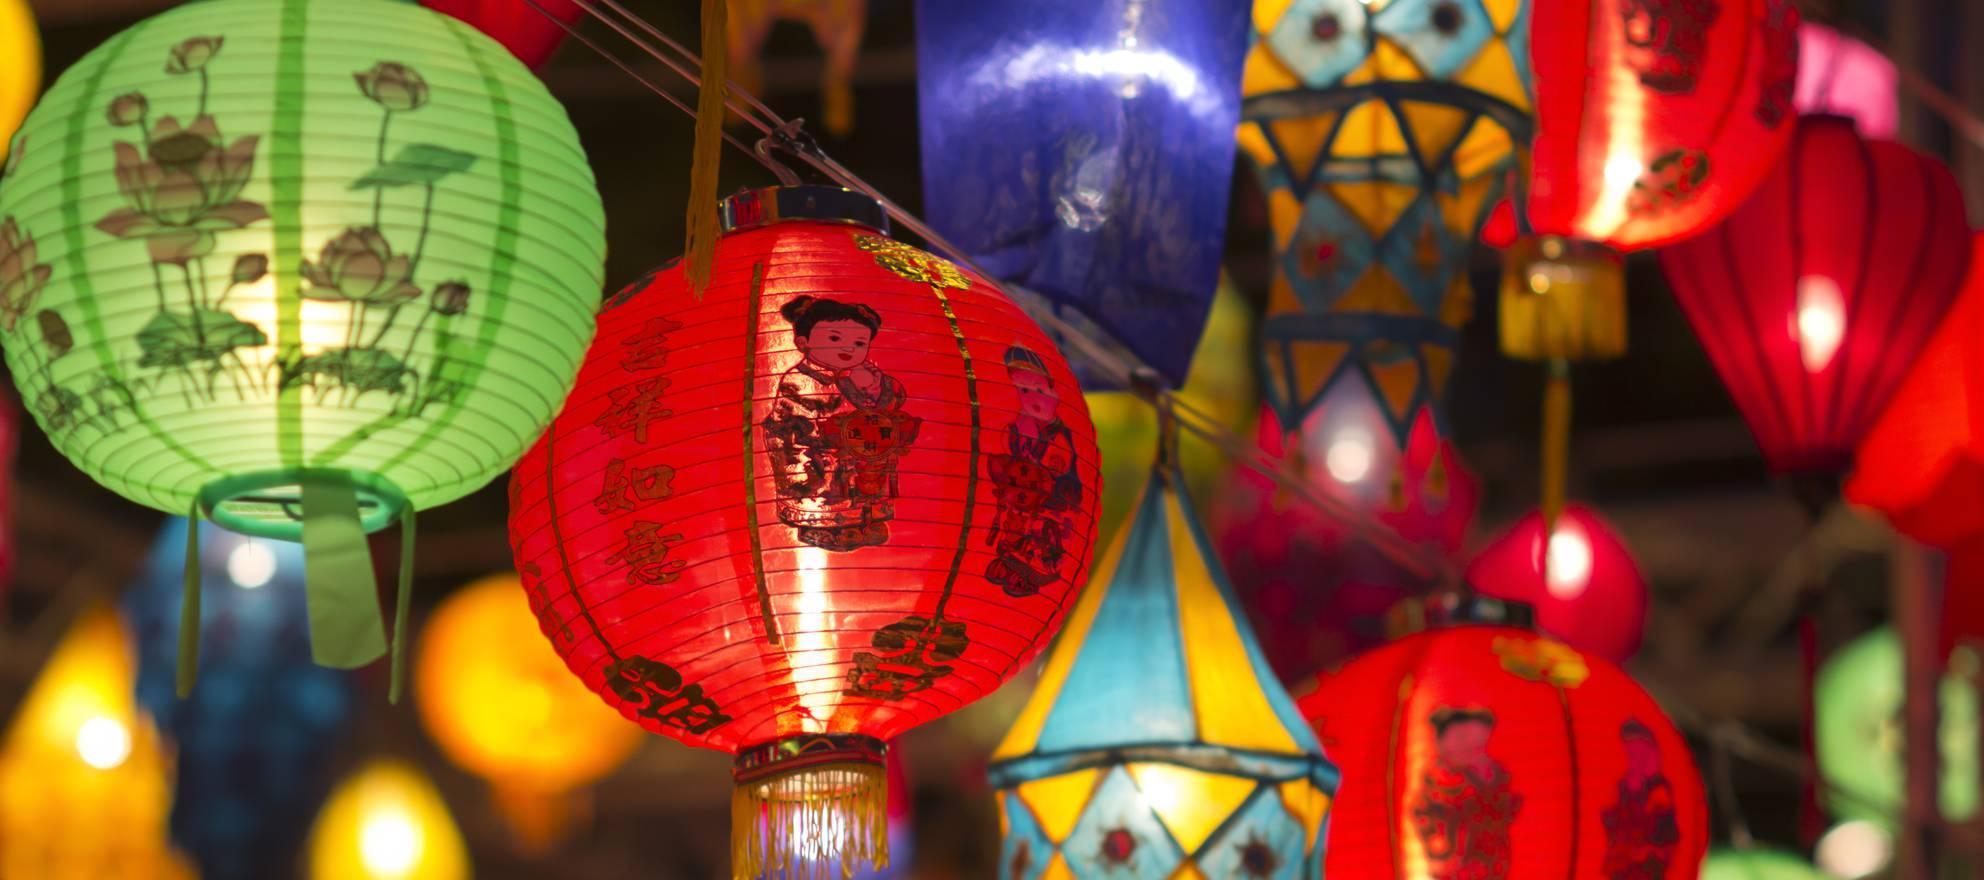 Chinese New Year buyers